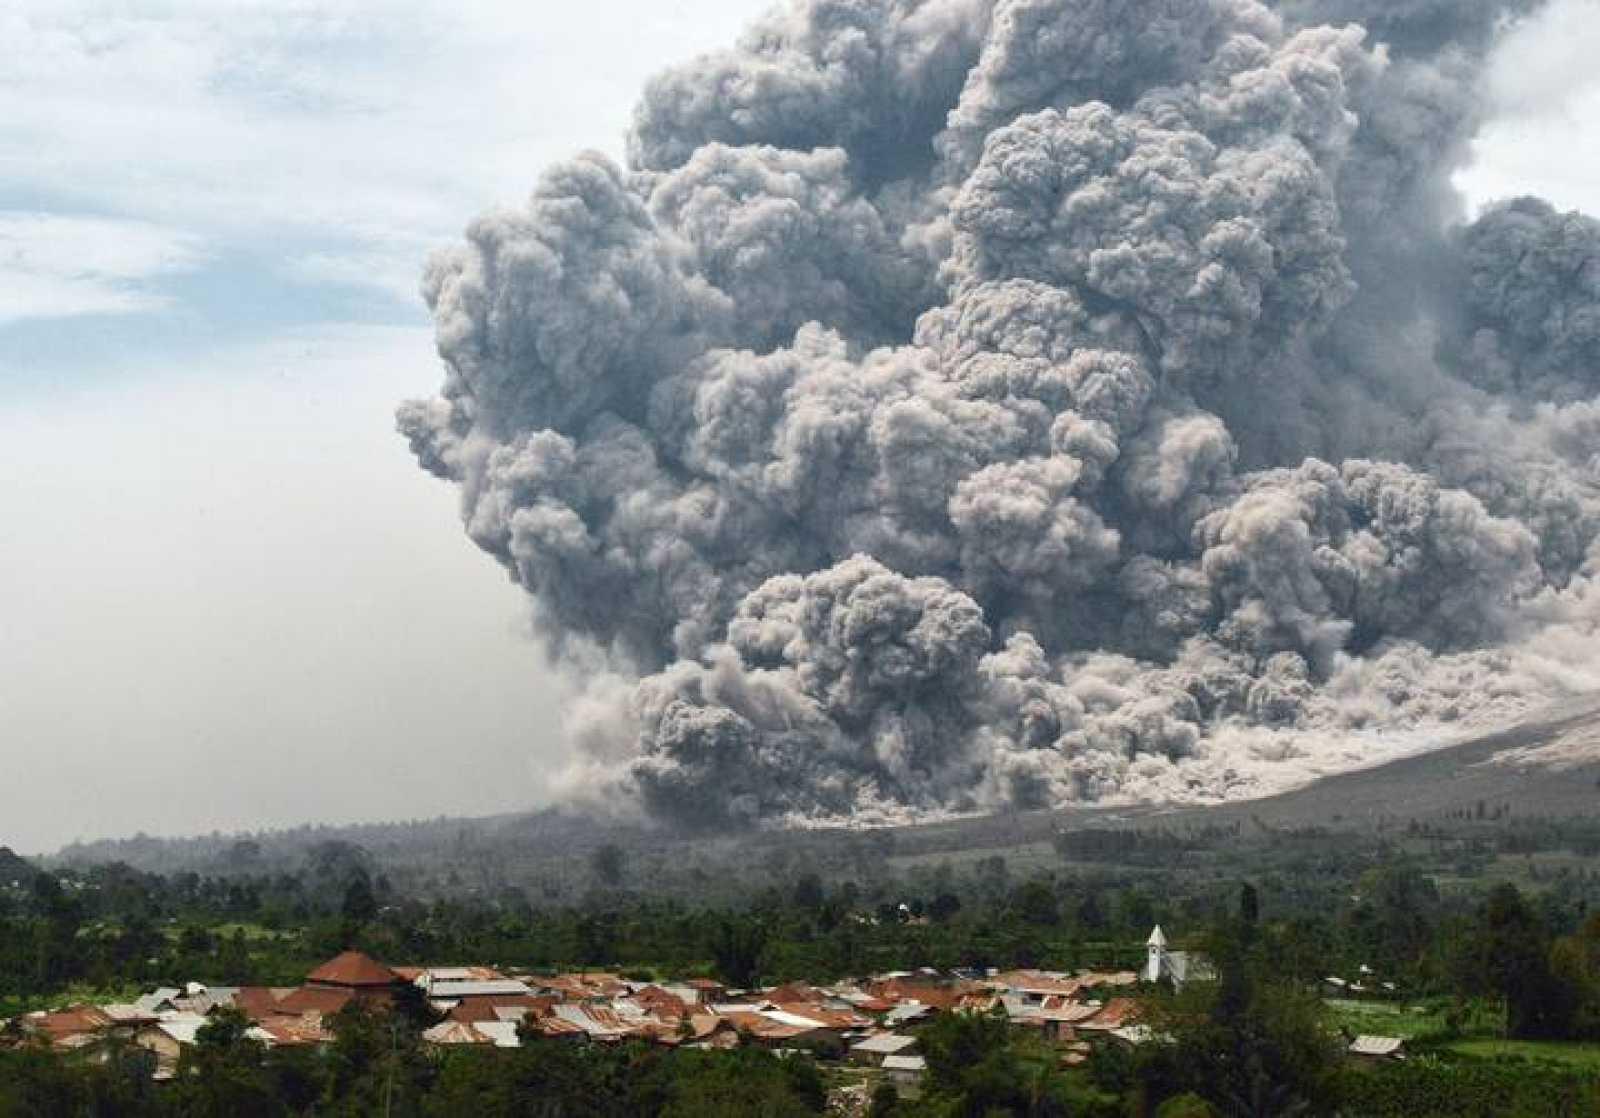 El volcán Sinabung escupe lava y cenizas sin descanso en los últimos cuatro meses.